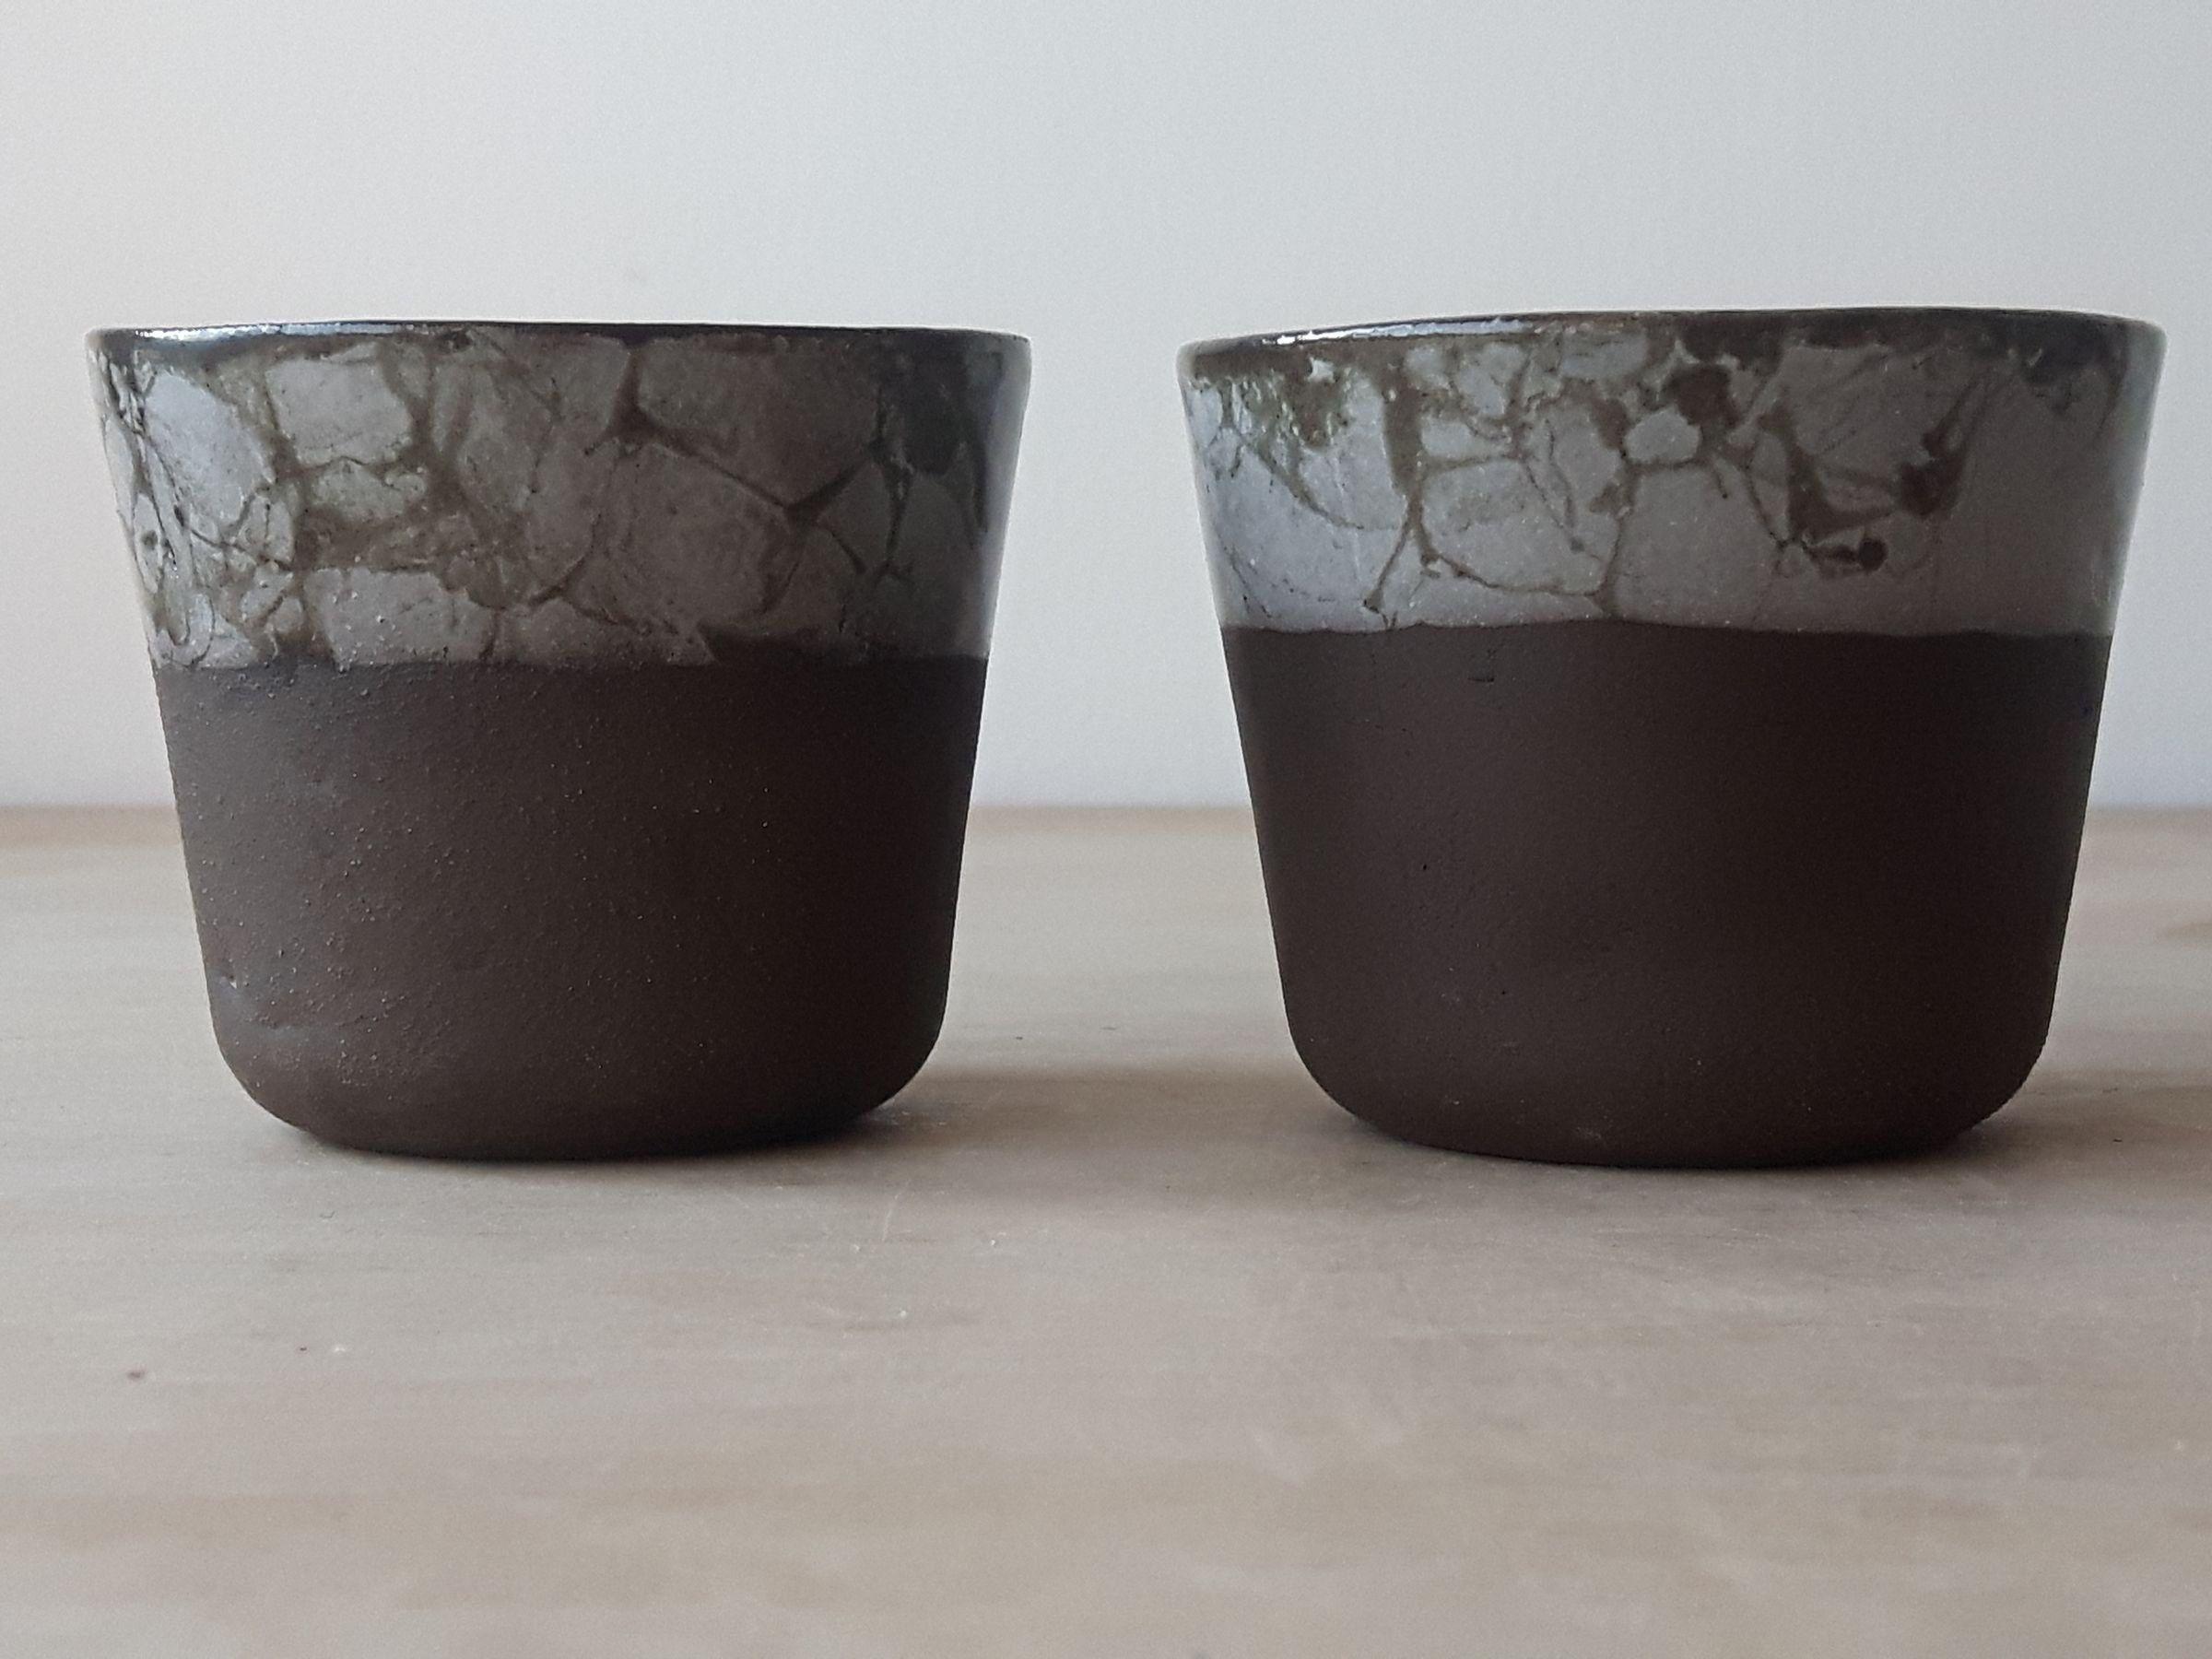 2x Modern Espresso Cups No Handles Set Unique Glaze Coffee Mug